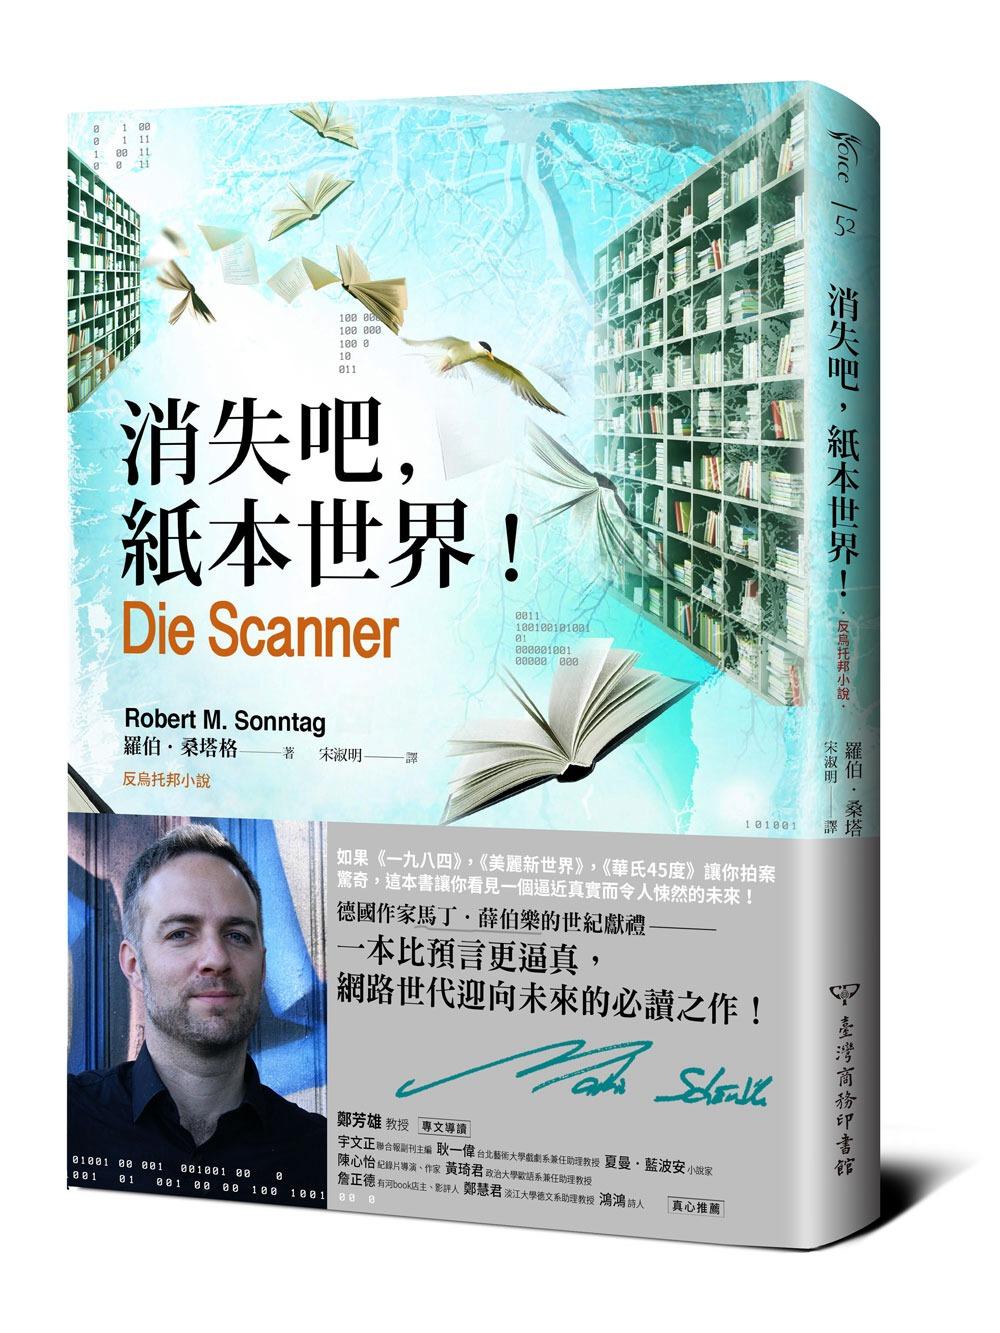 《消失吧,紙本世界!》 商品條碼,ISBN:9789570531183